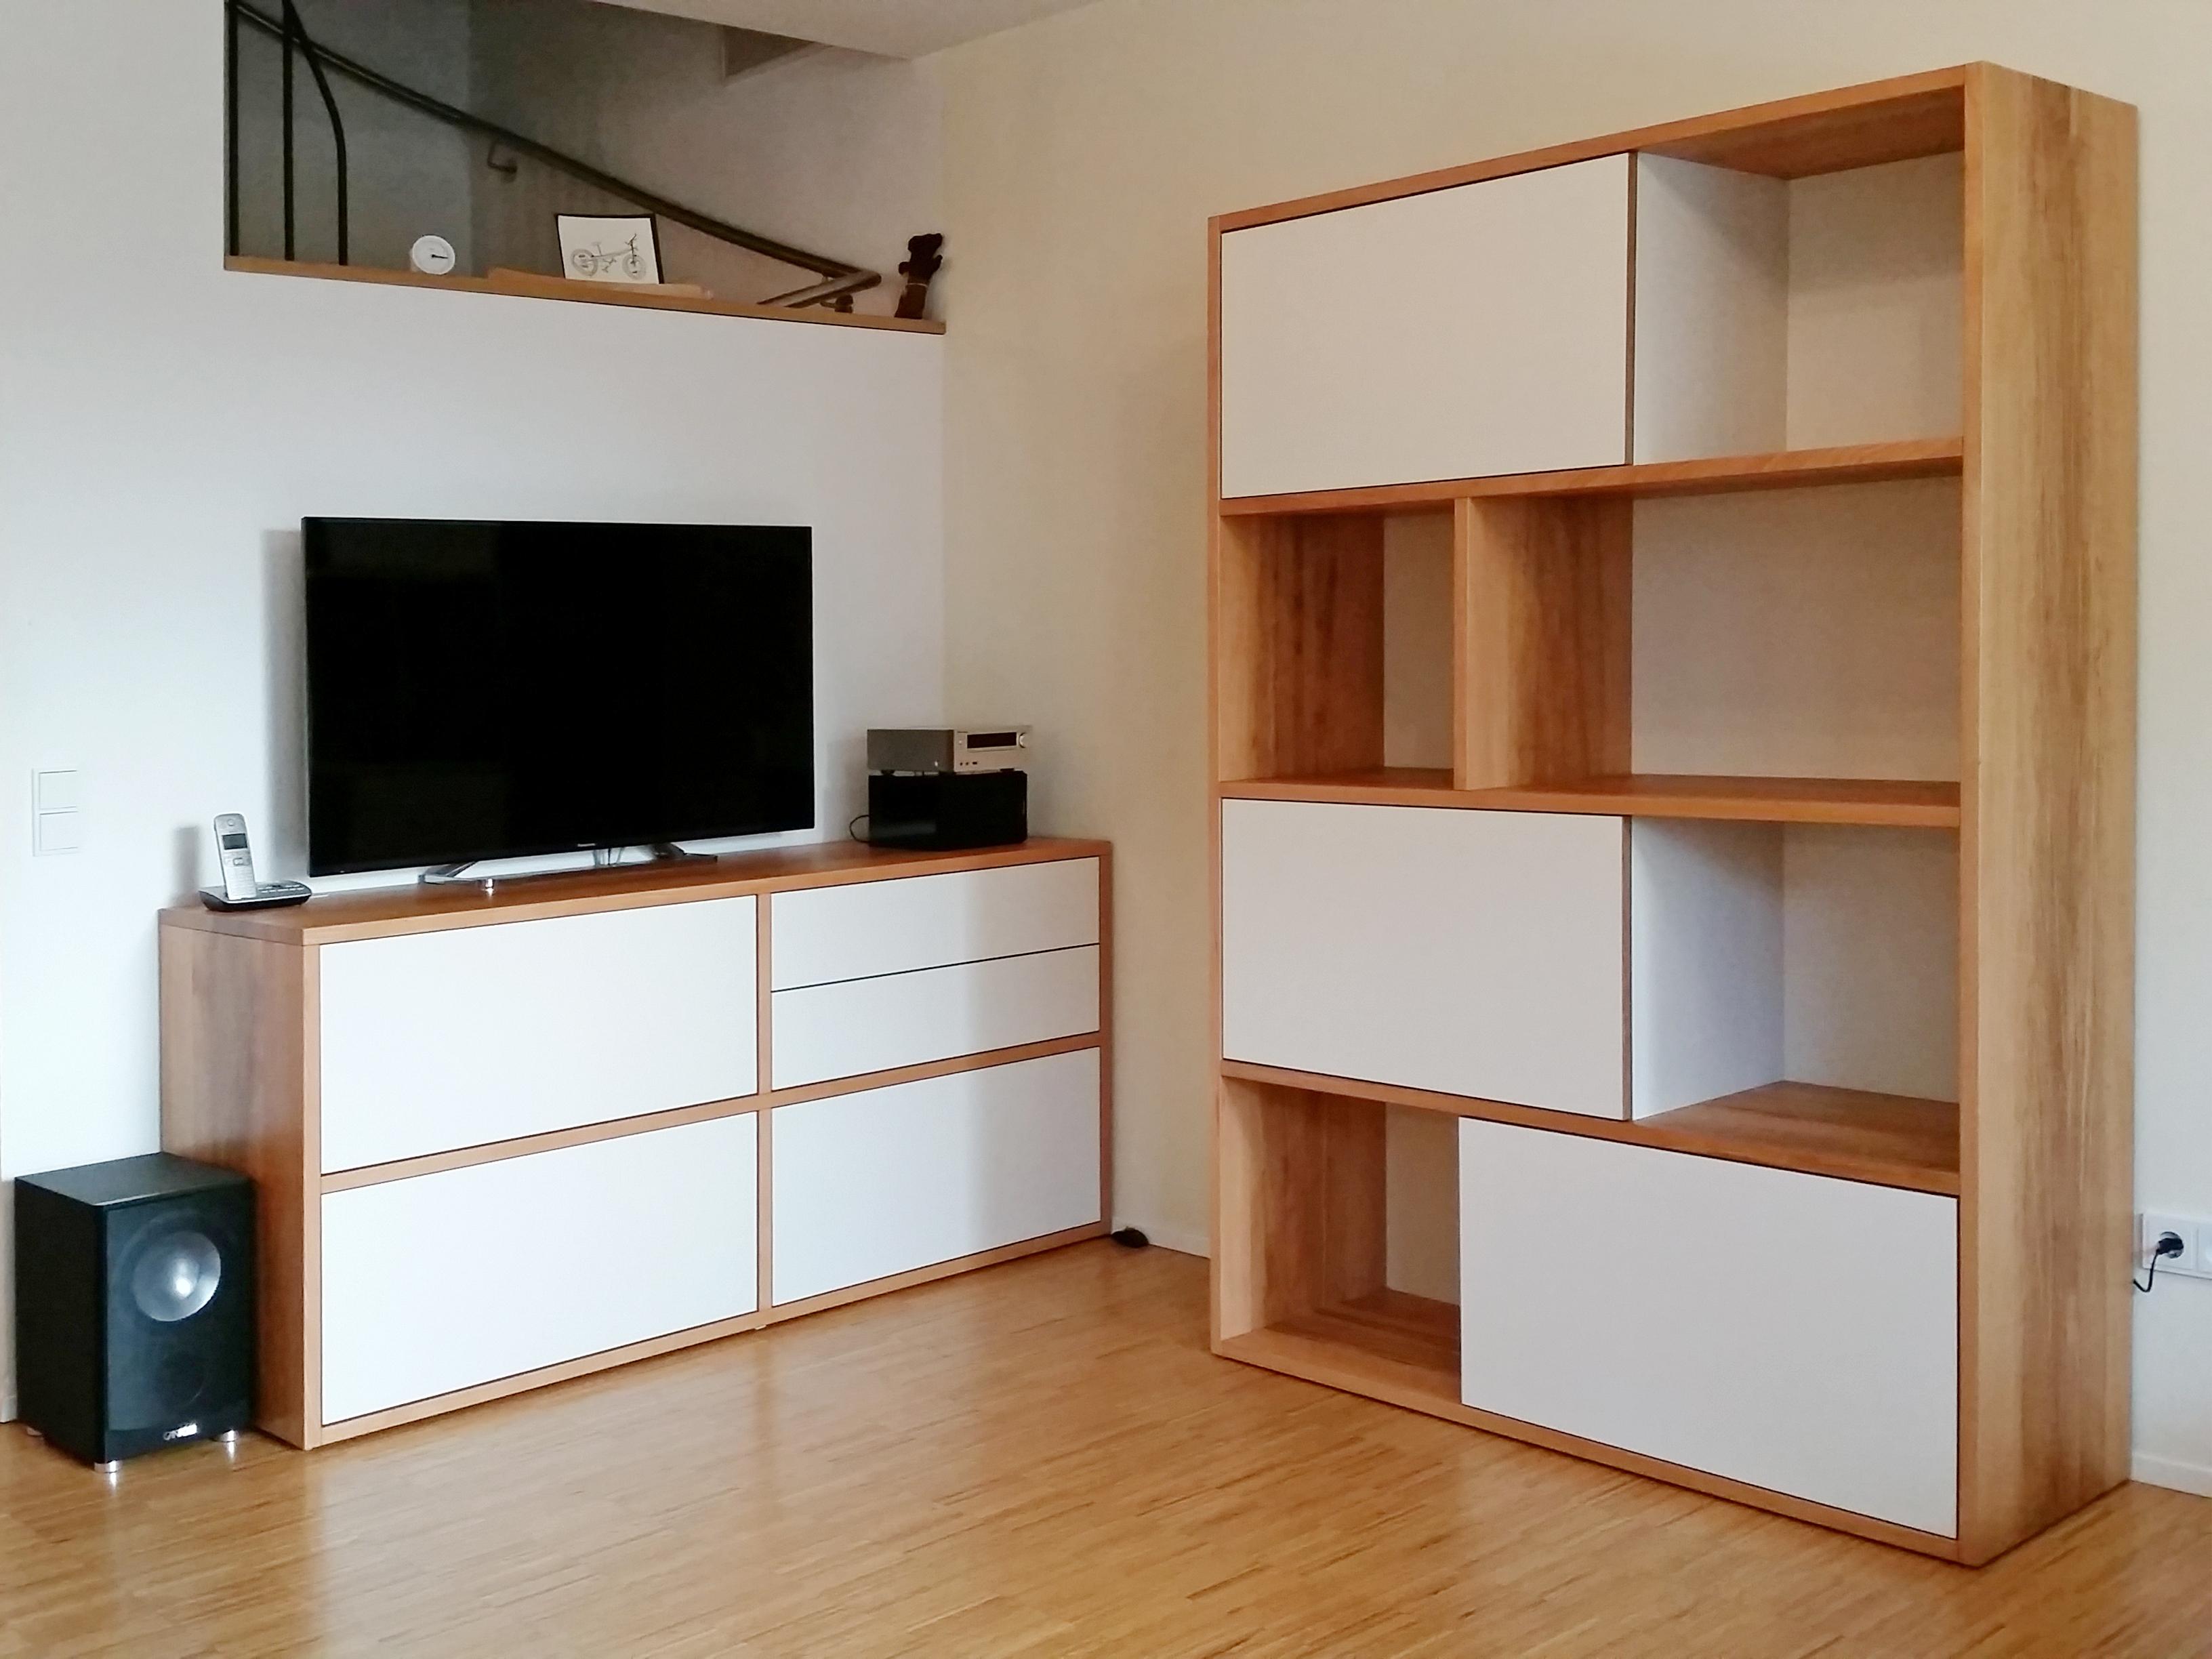 Wohnzimmer Medienmöbel in Kernbuche Multiplex weiß